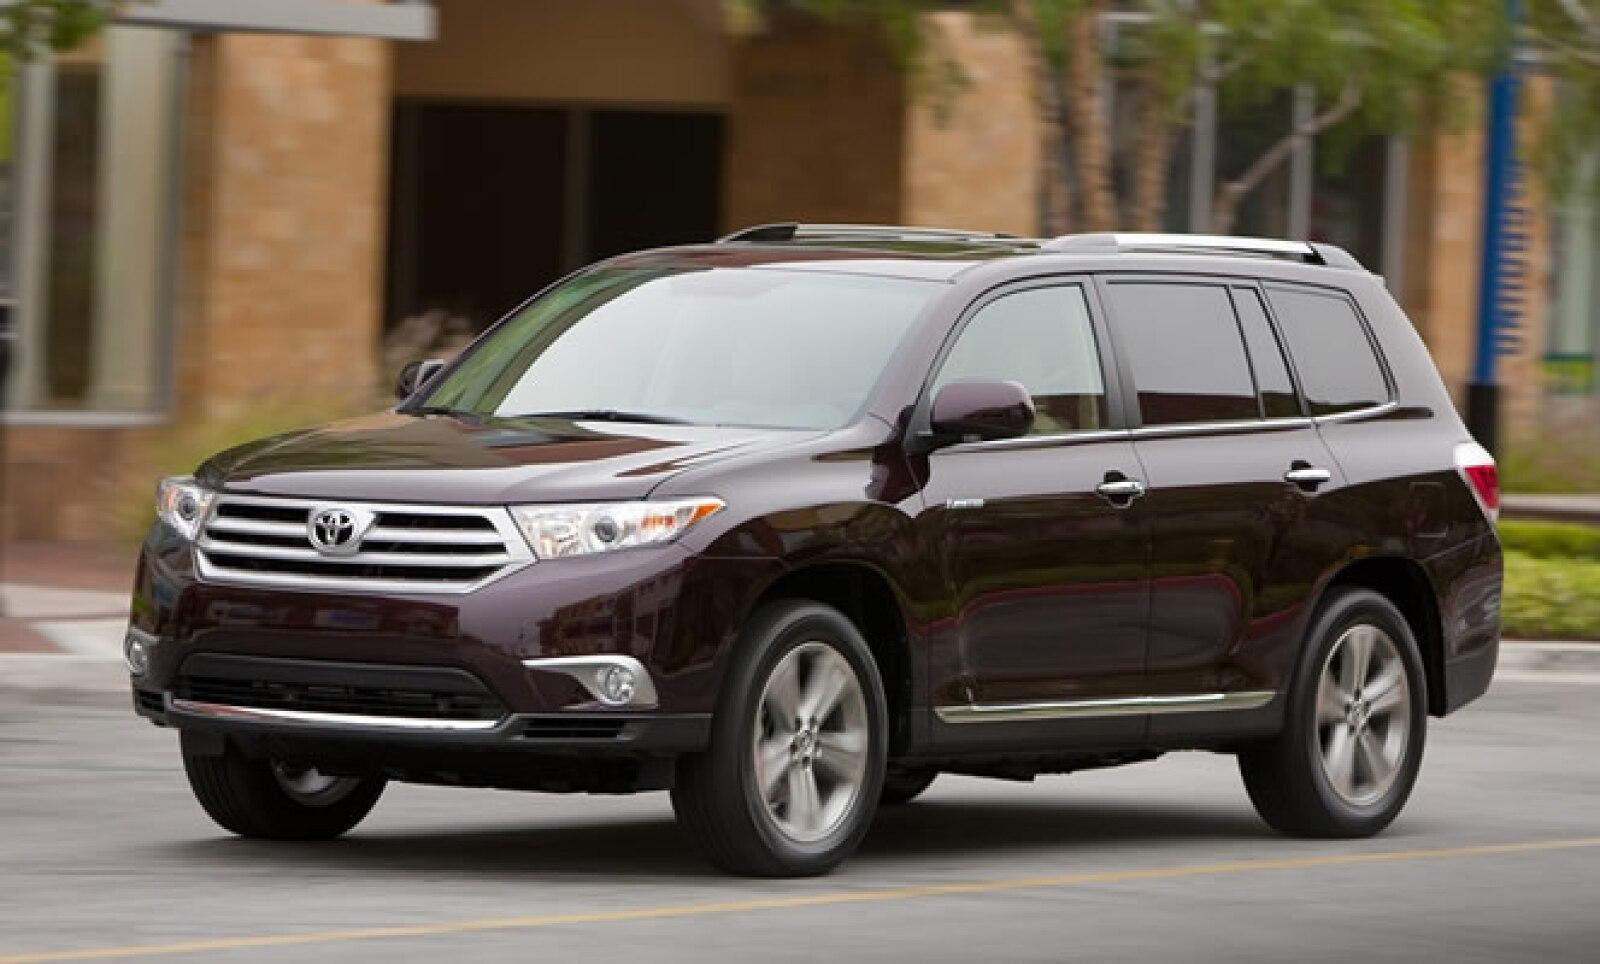 La venta del modelo Highlander de Toyota comenzó en junio del 2007, justo con la llegada de la segunda generación a México. Desde entonces, la camioneta no había presentado ningún cambio en sus especificaciones.